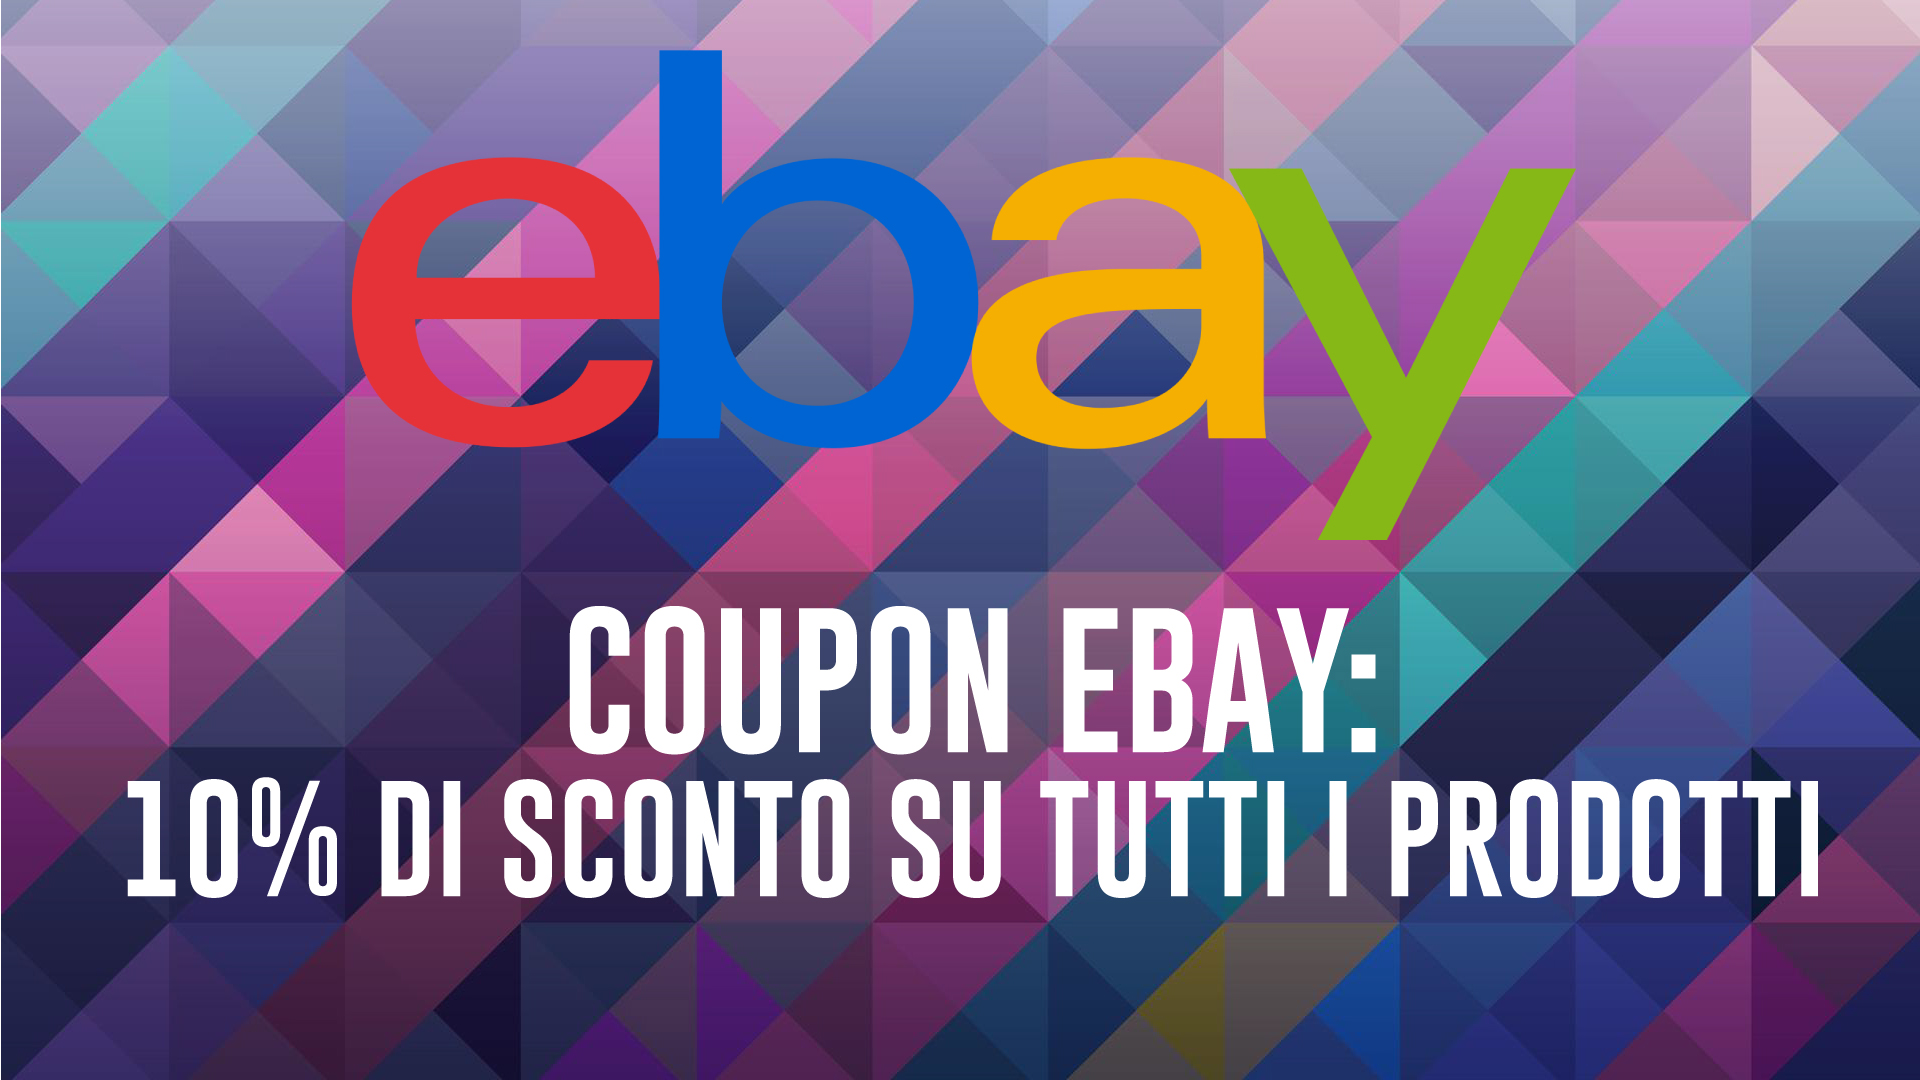 Cupones de EBay para Navidad: 10% de descuento en muchos productos!